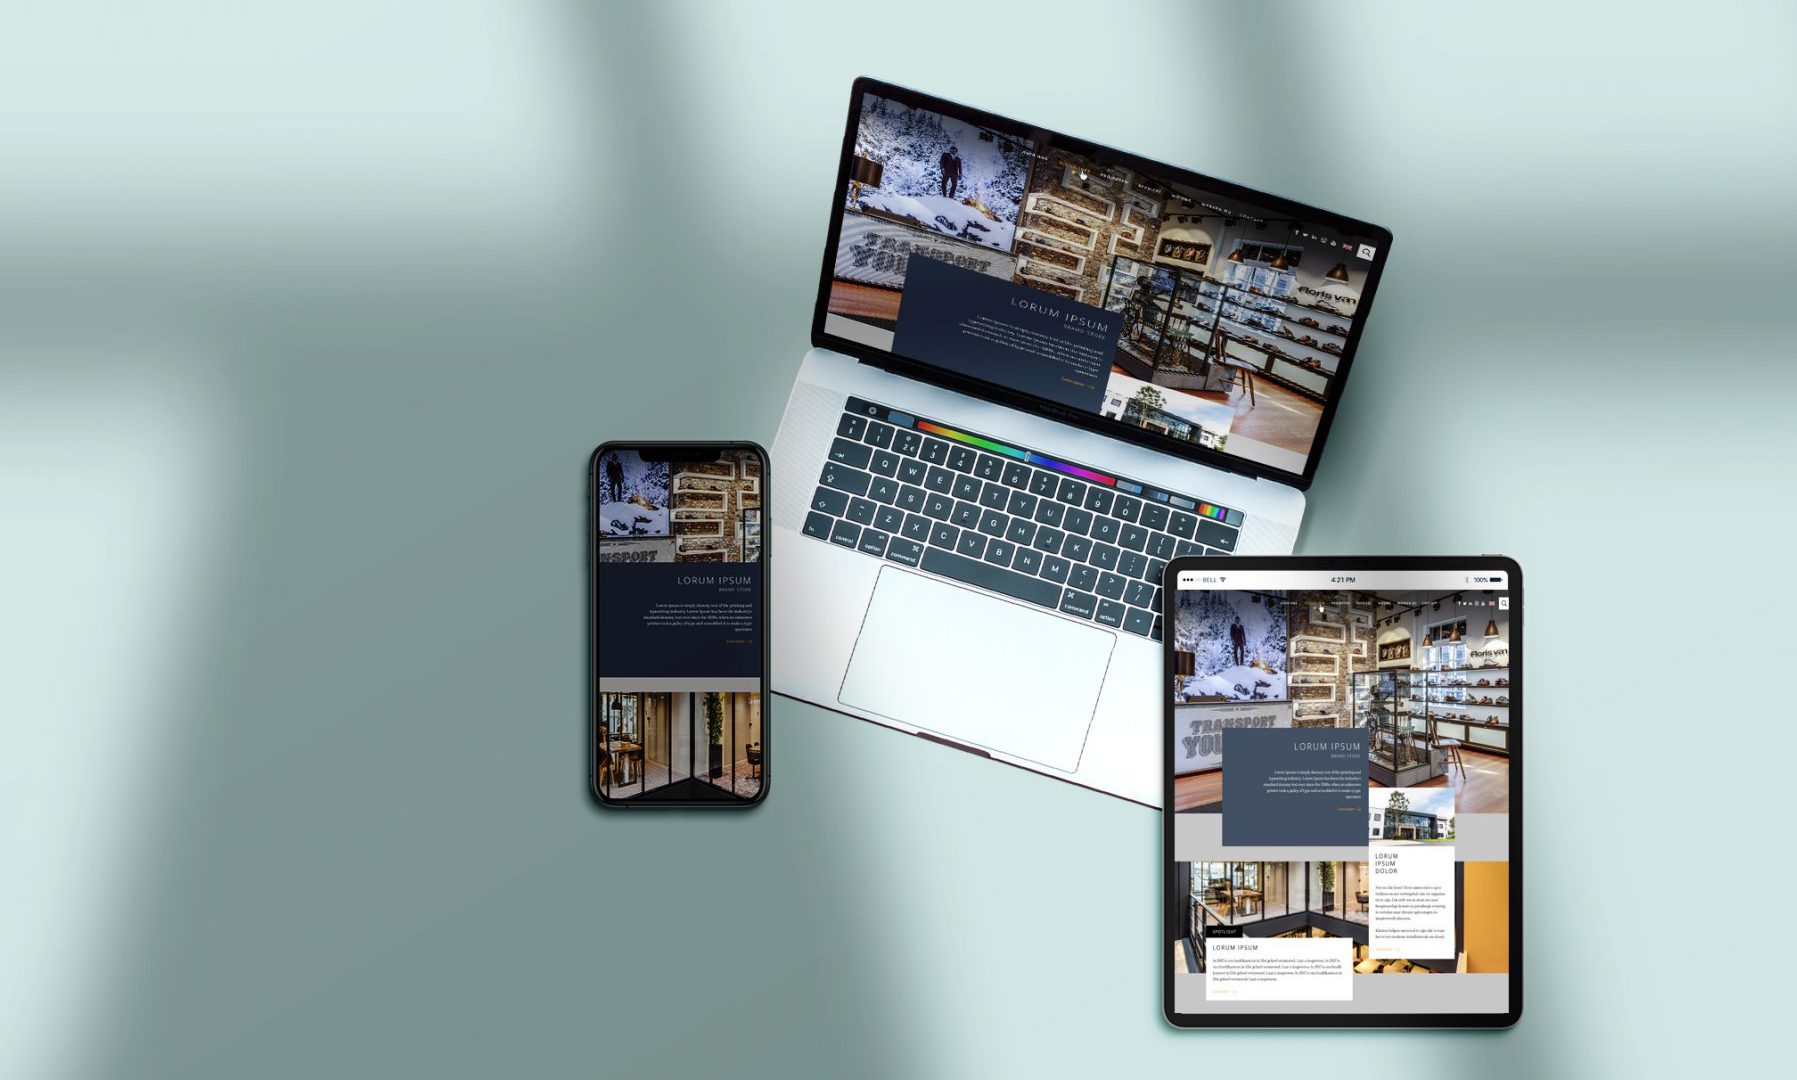 Website maatwerk is voor unieke websites en merkbeleving, zichtbaar op alle devices zoals hier afgebeeld, laptop, Ipad en Iphone